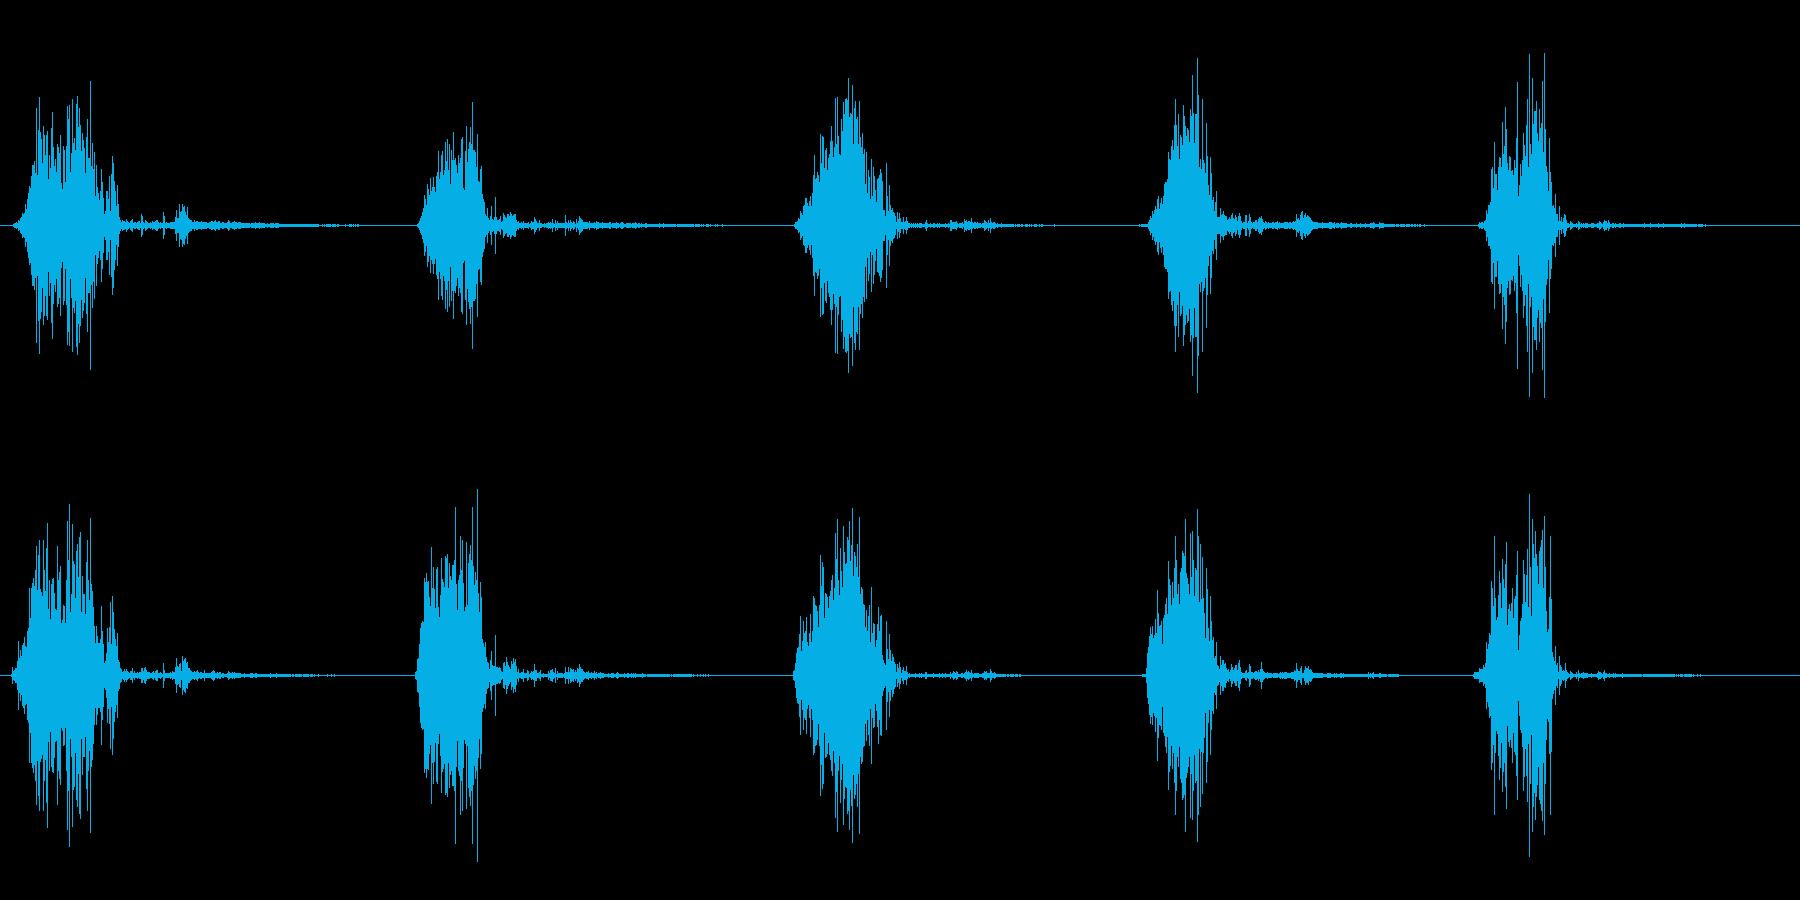 ザッザッザッ(複数回)の再生済みの波形